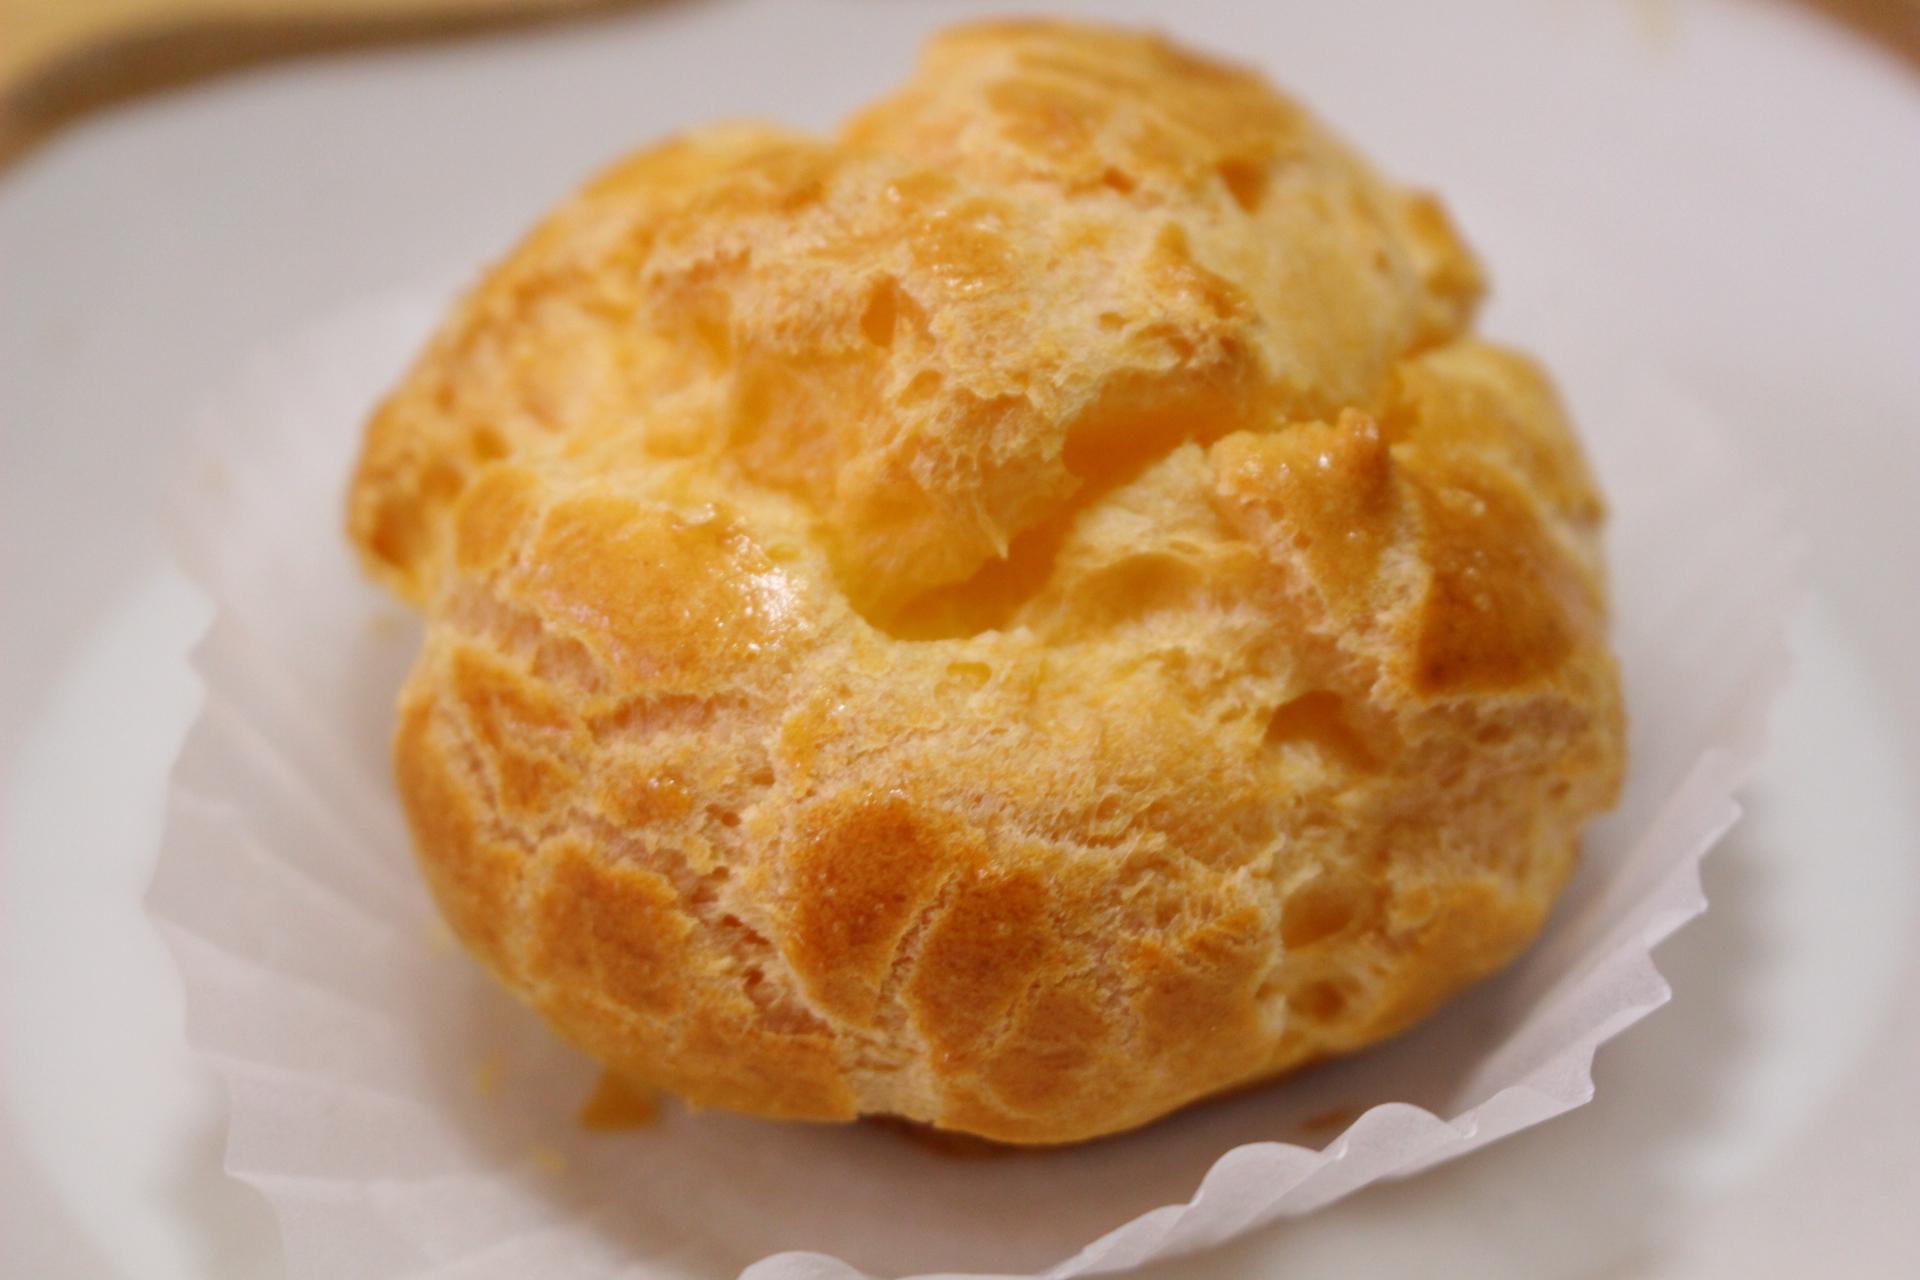 【カトル・カール】熊本市萩原町にある、ケーキ屋さん